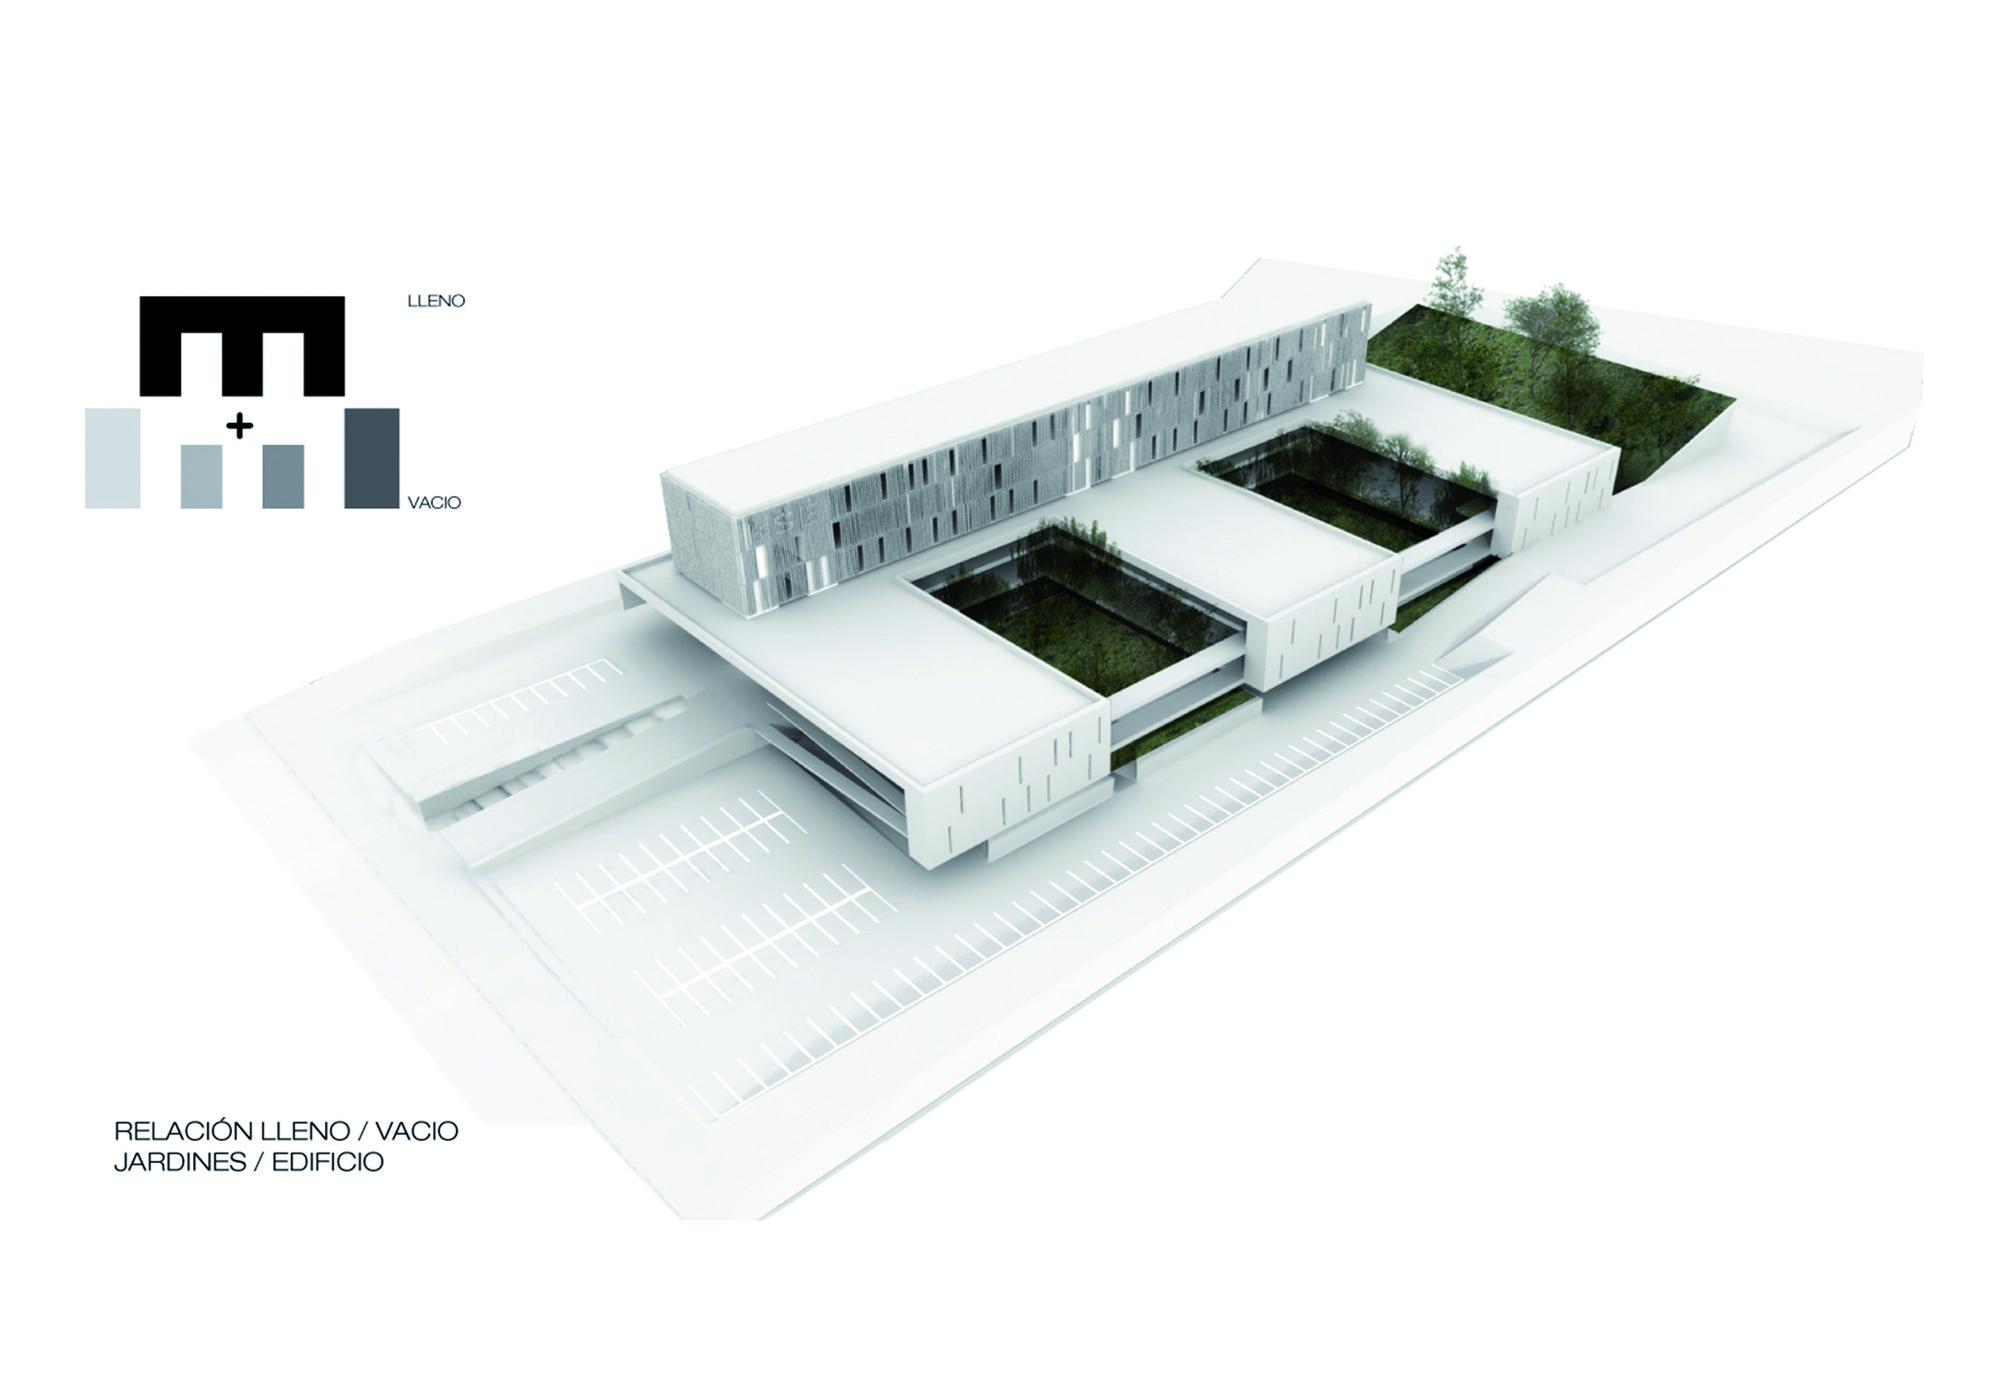 Esquema conceptual #02. Image Cortesia de Fábrica de Paisaje